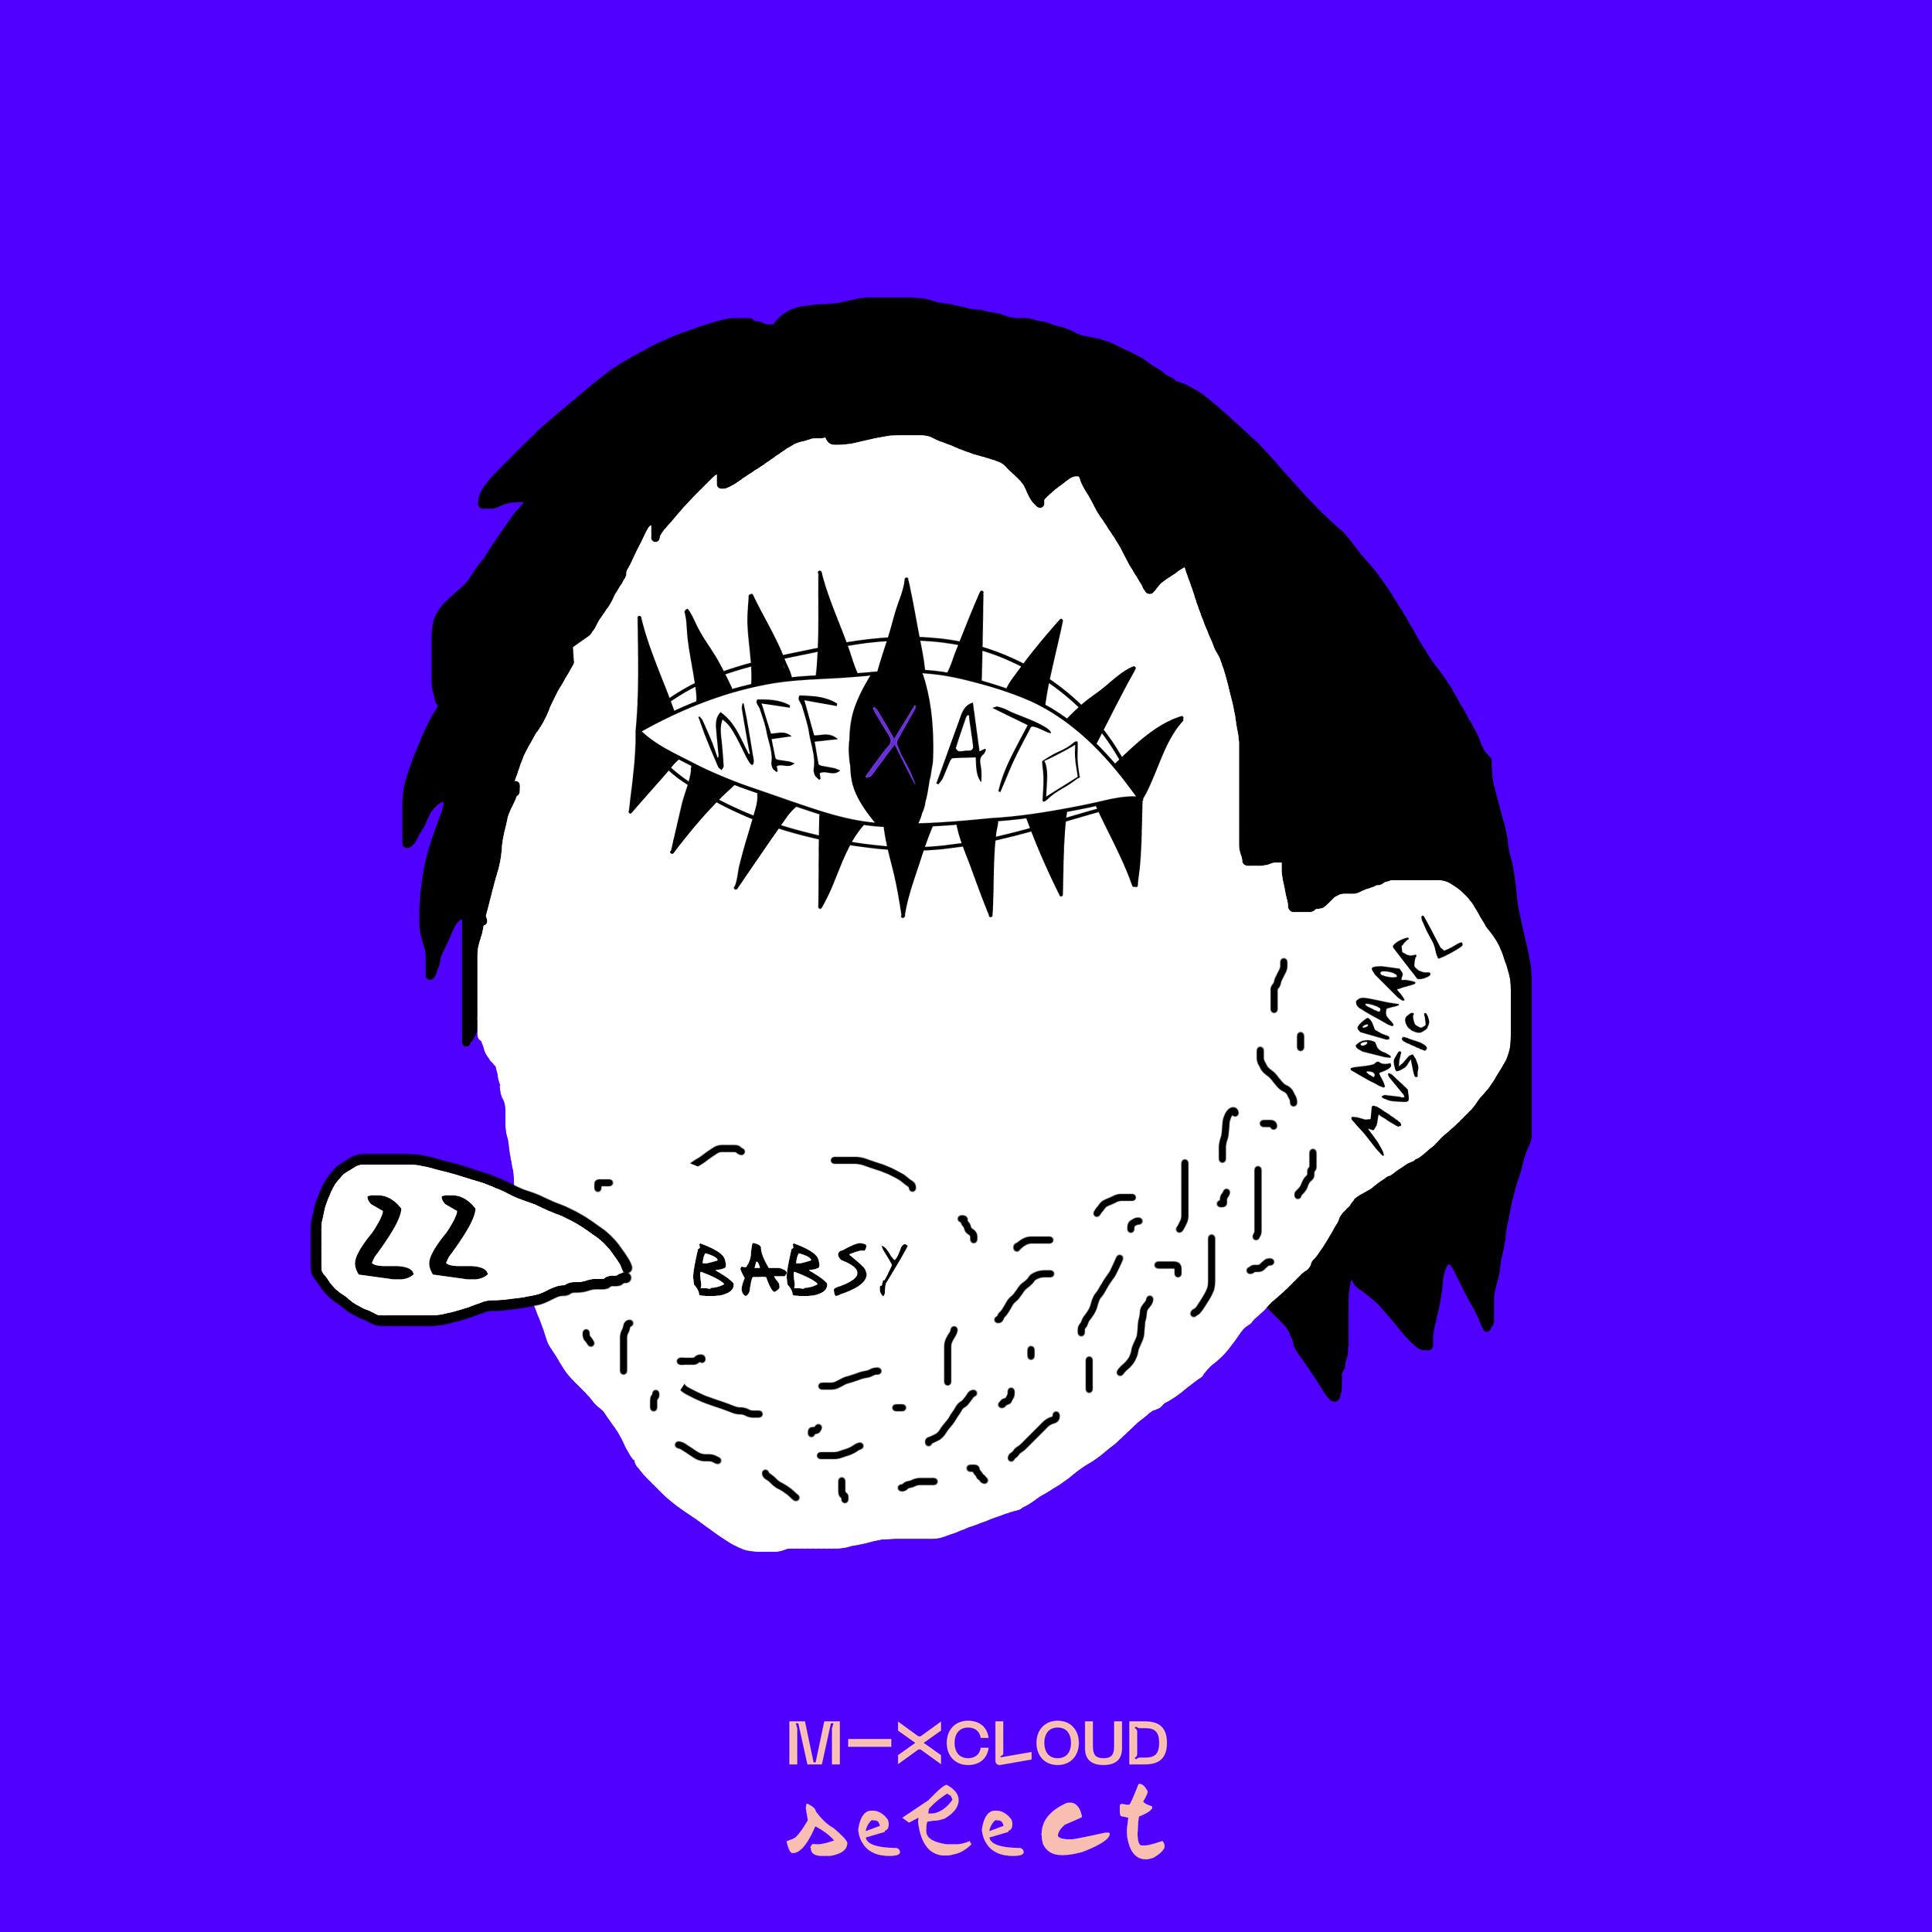 WEEXATO #022: Babsy